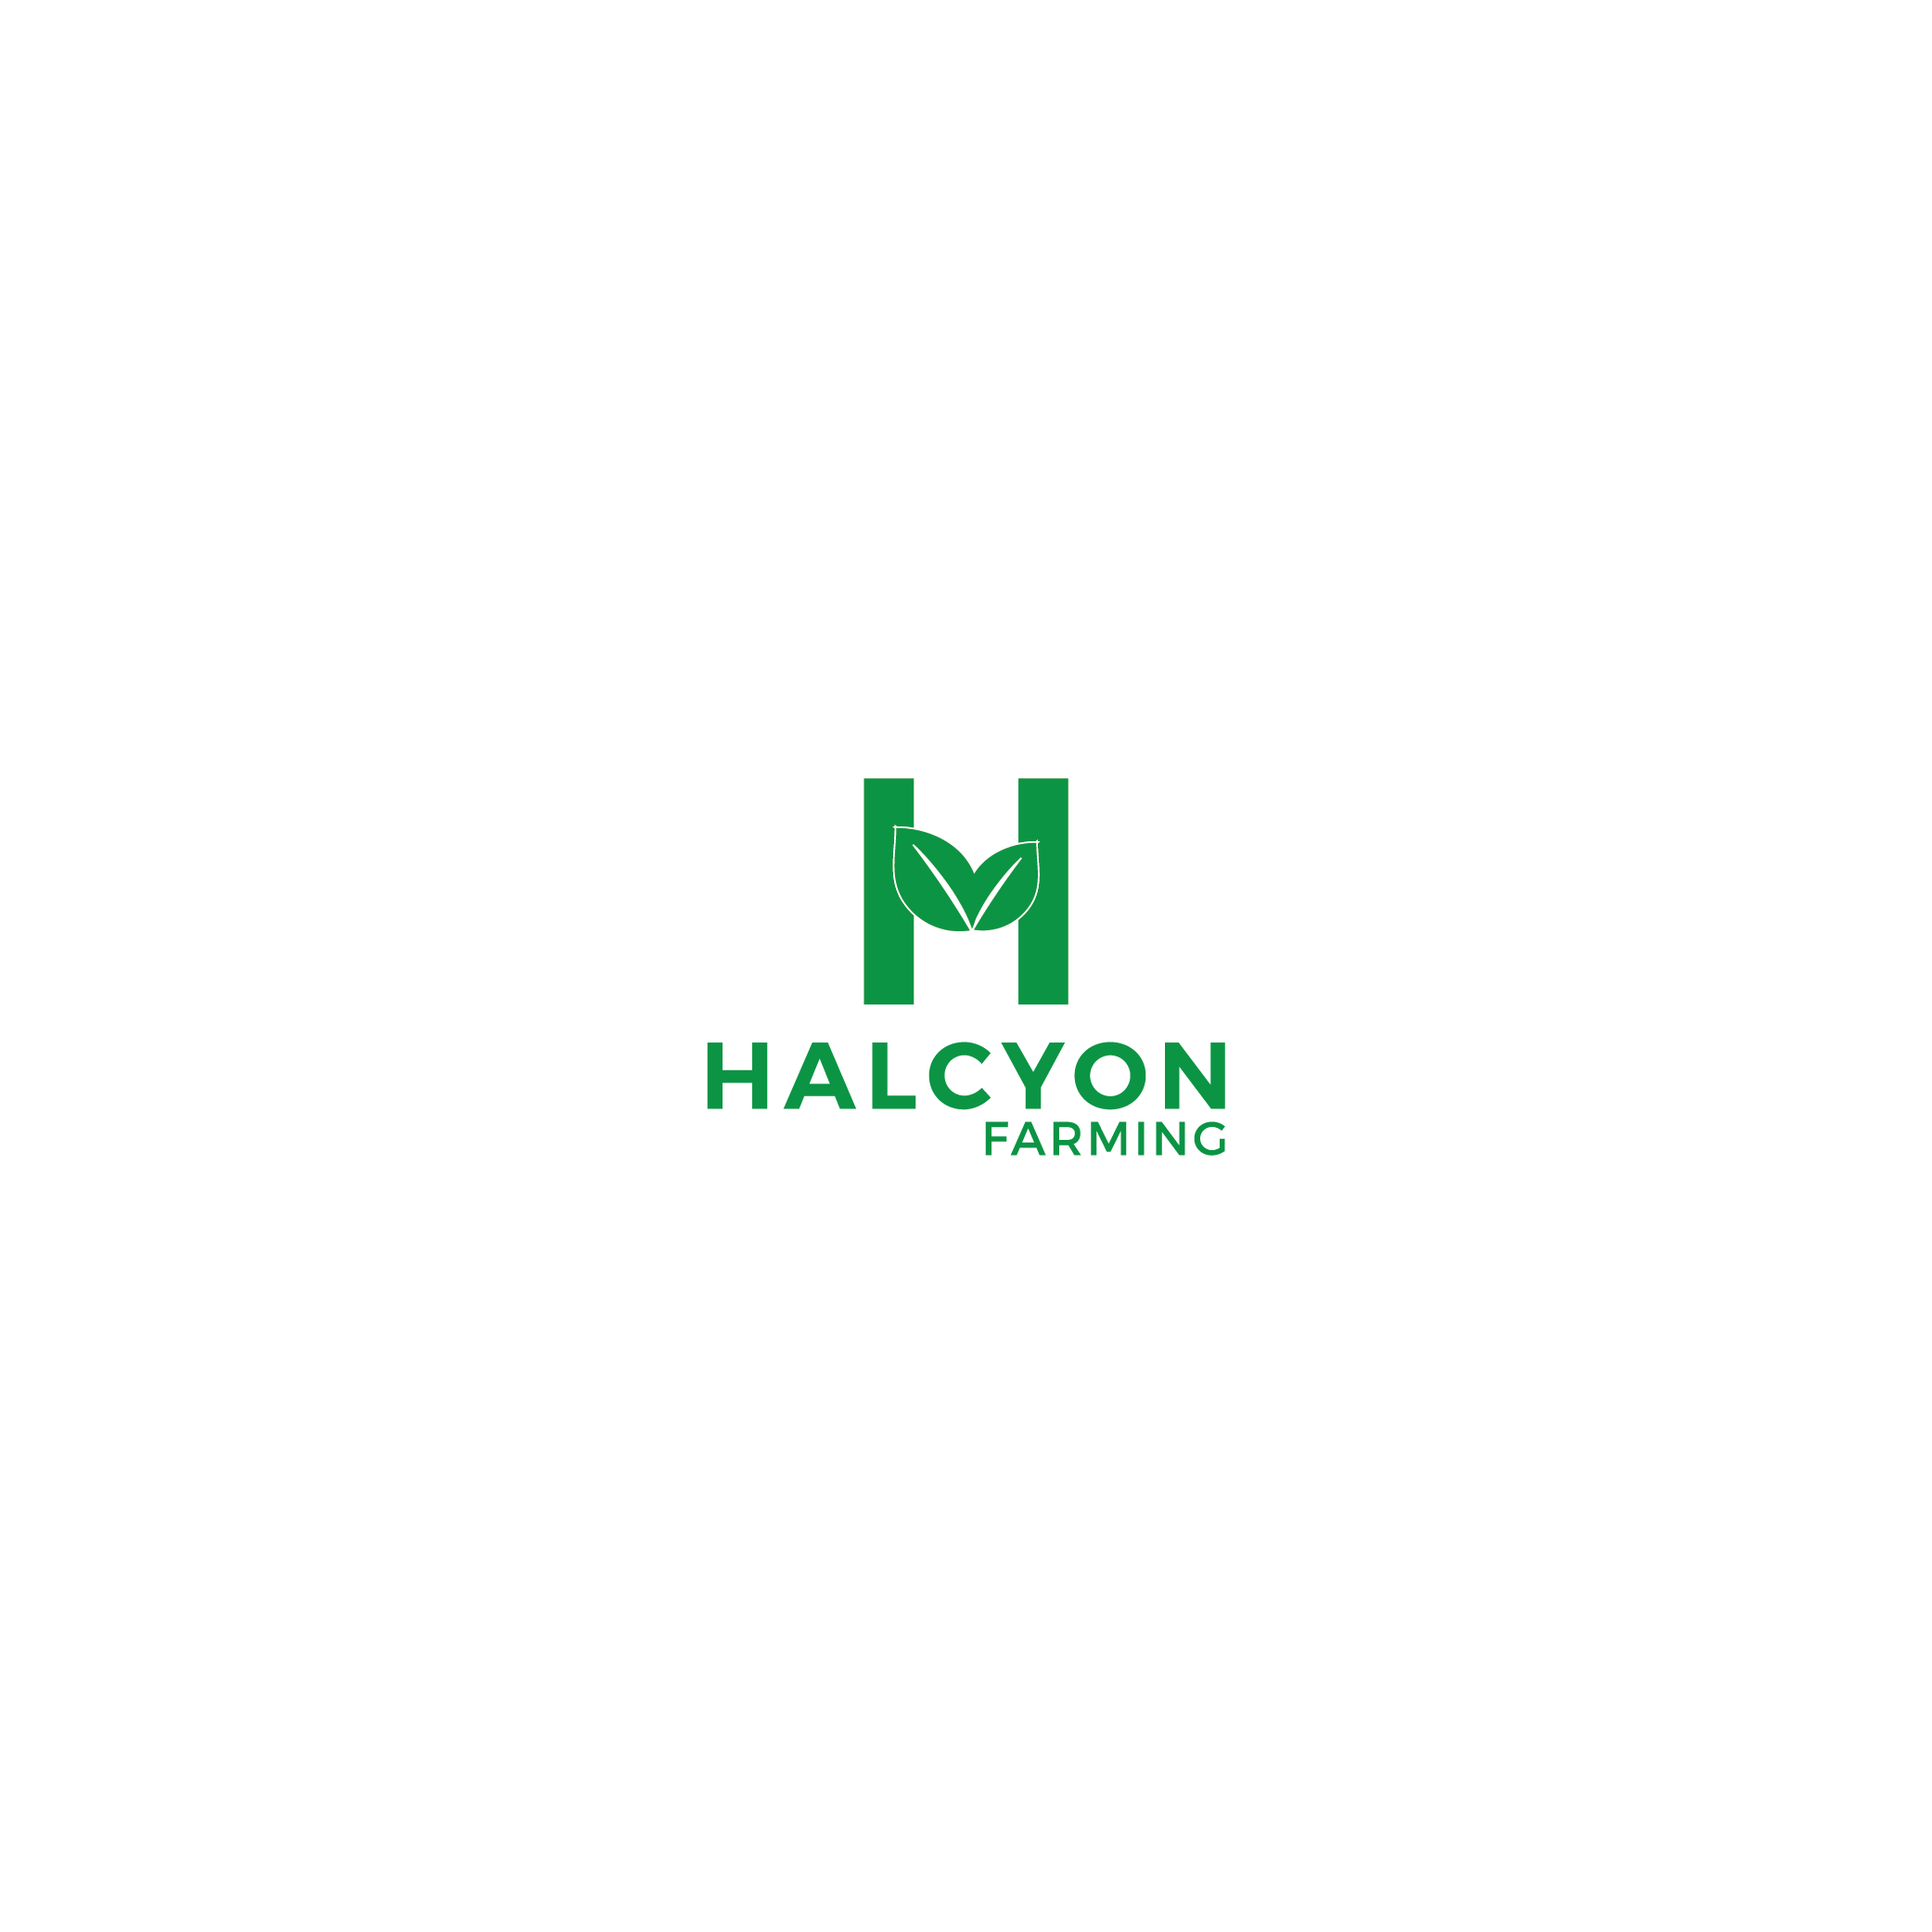 Logo Design by 354studio - Entry No. 79 in the Logo Design Contest Creative Logo Design for Halcyon Farming.